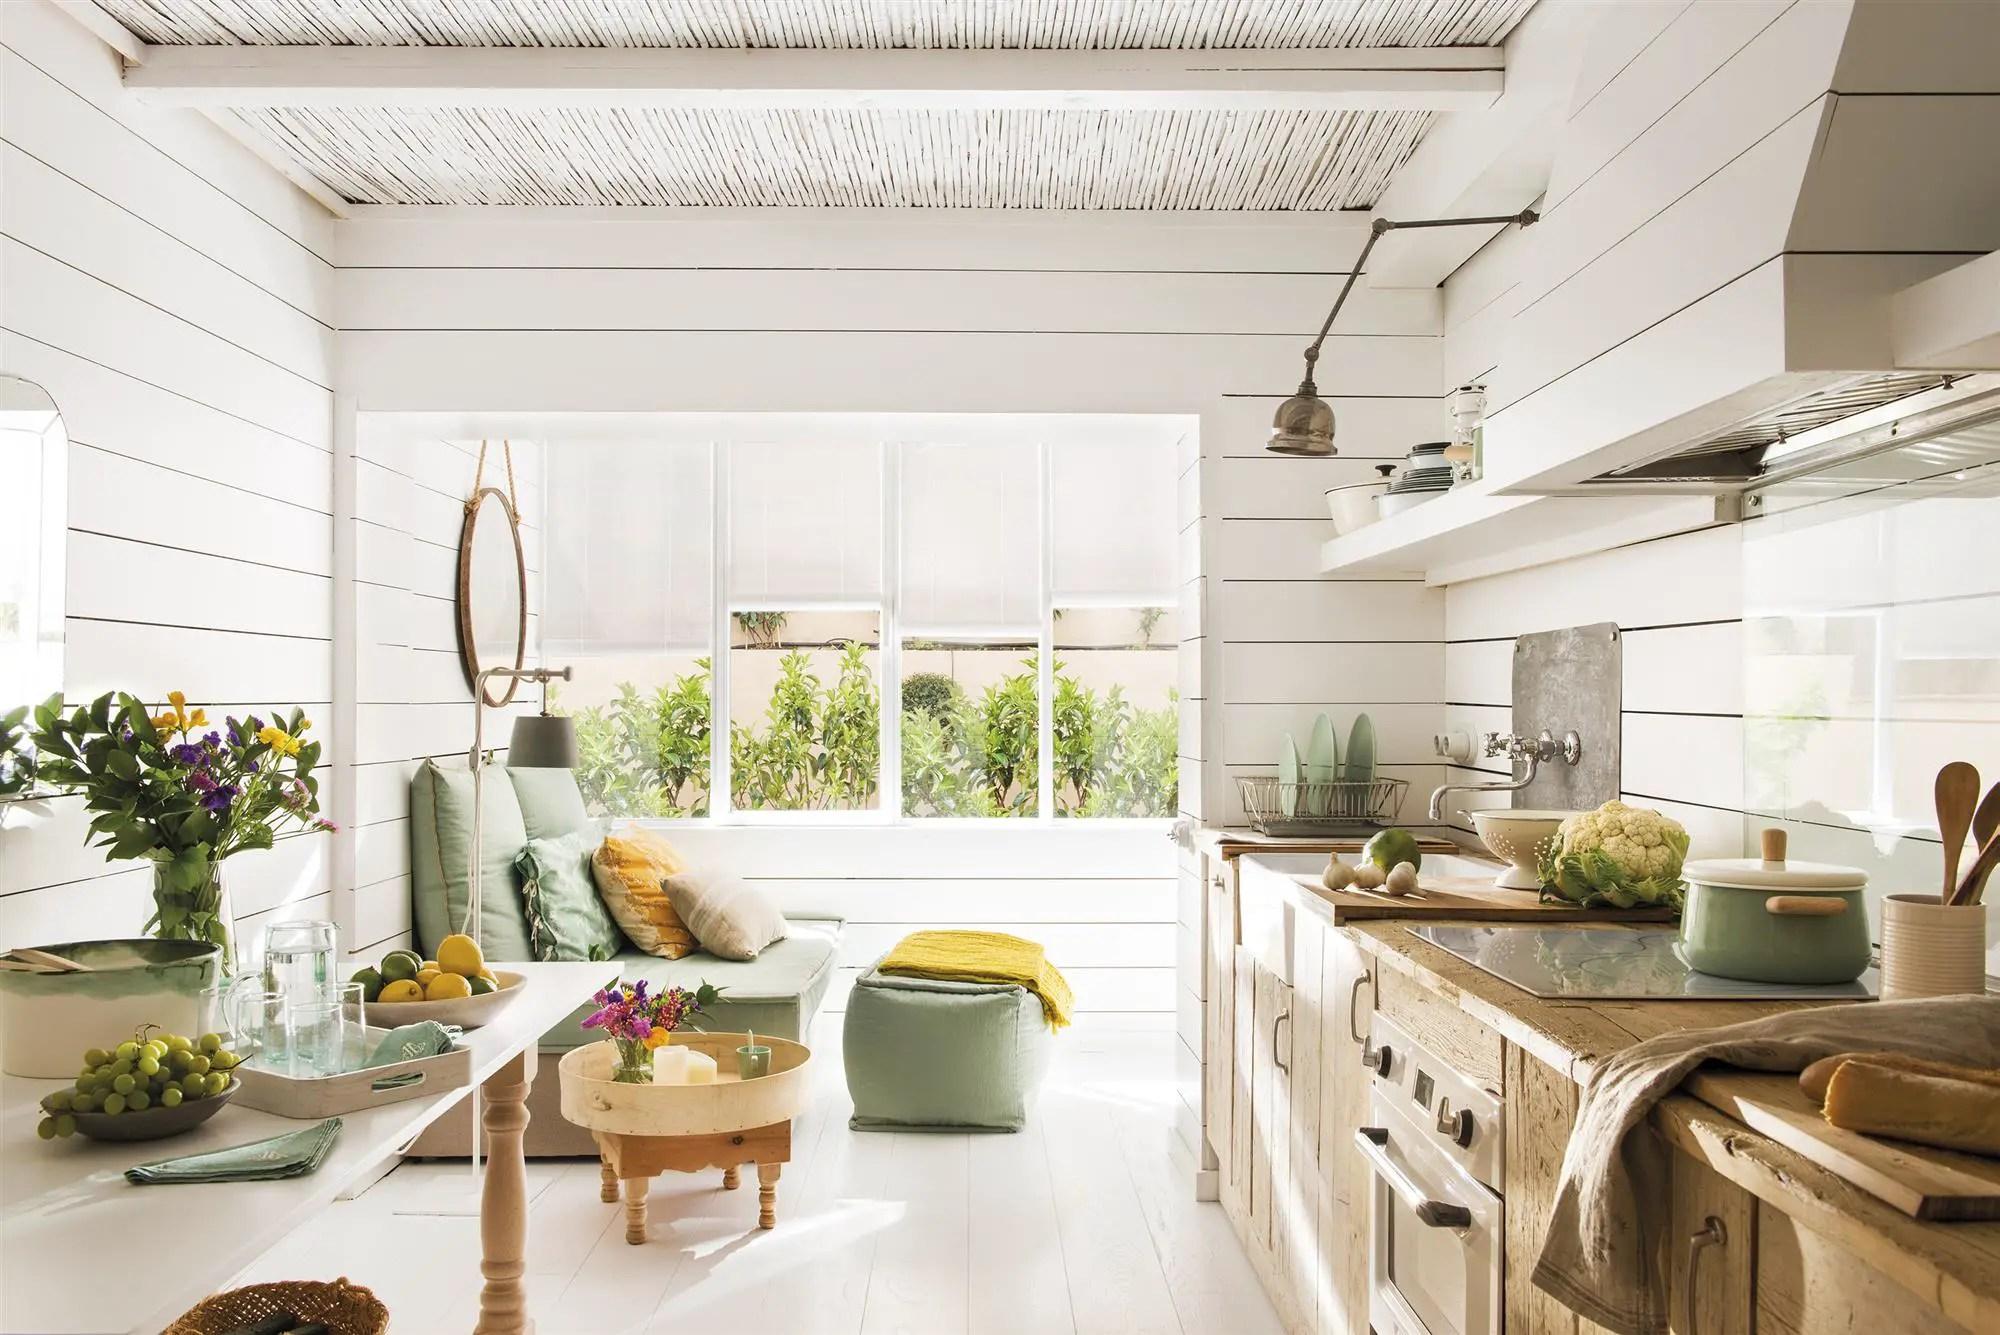 Image De Decoration Interieur De Maison une designer d'intérieur rénove une maison de plage